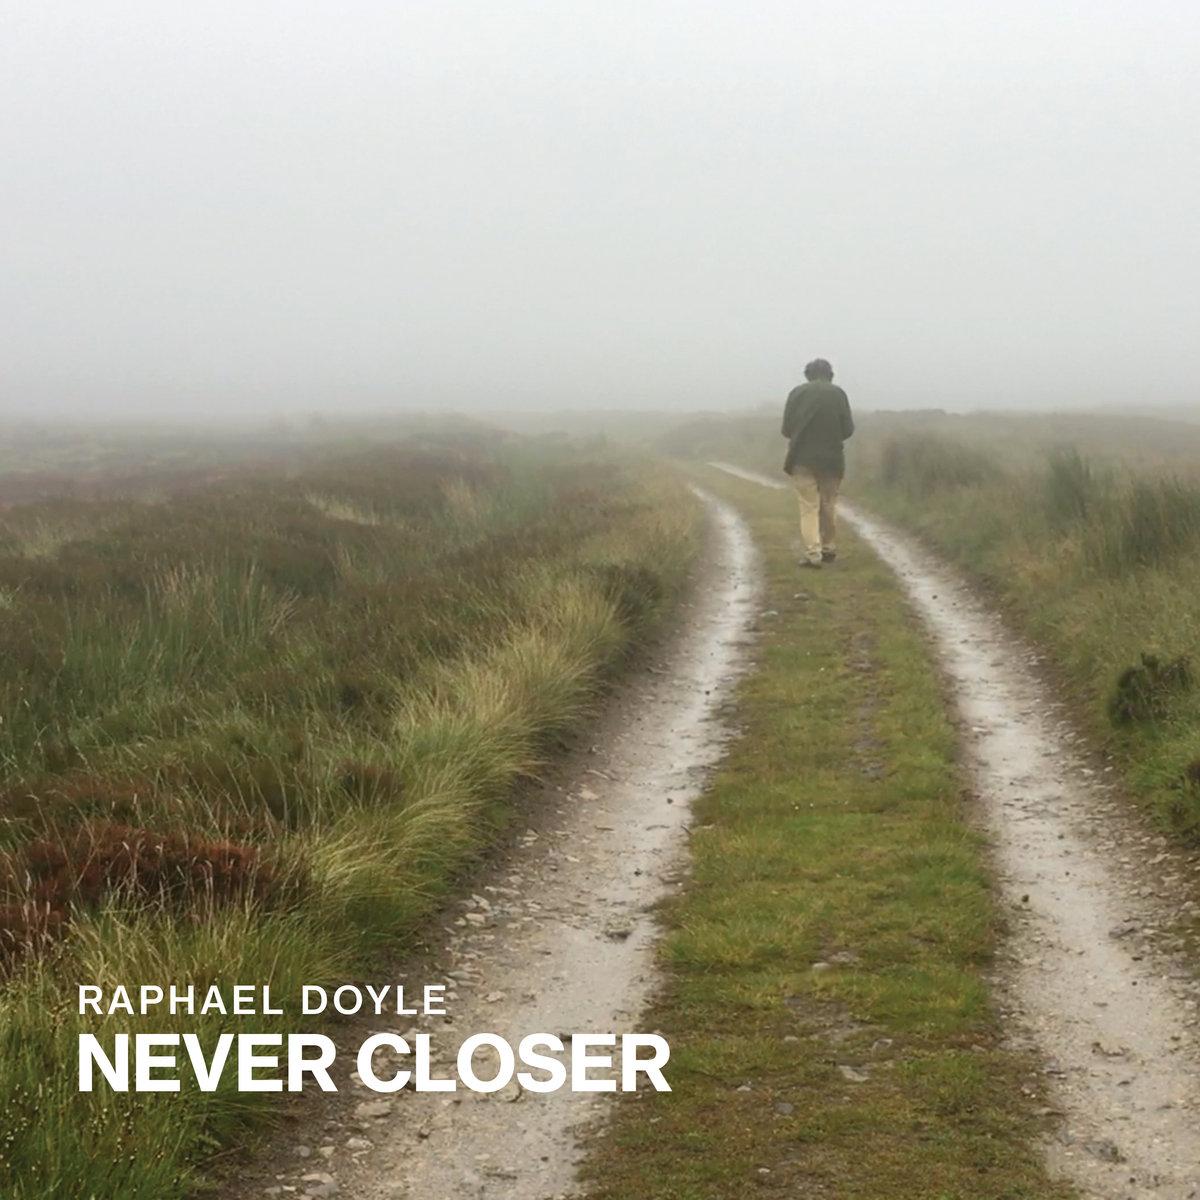 Never Closer | Raphael Doyle